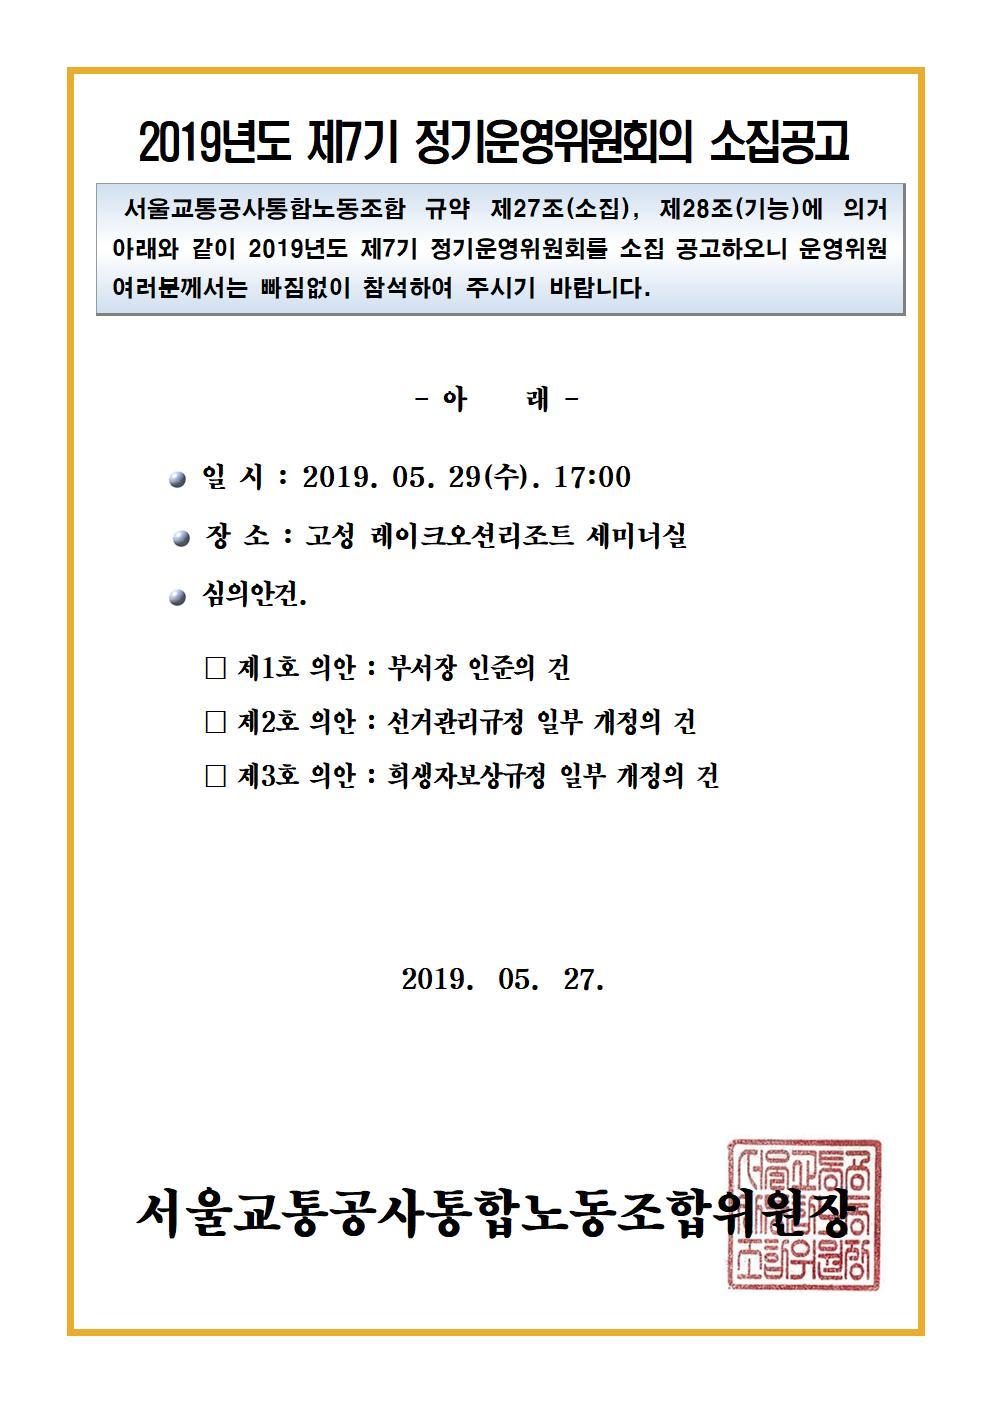 [공고]2019년도 정기운영위원회 소집공고001.jpg